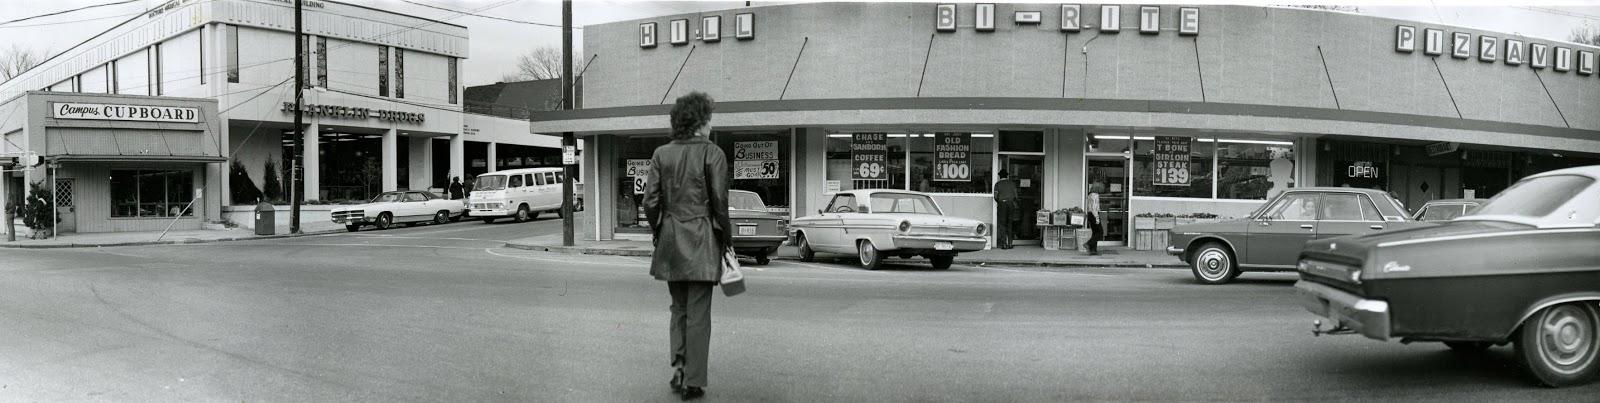 Tate Street Ca 1971